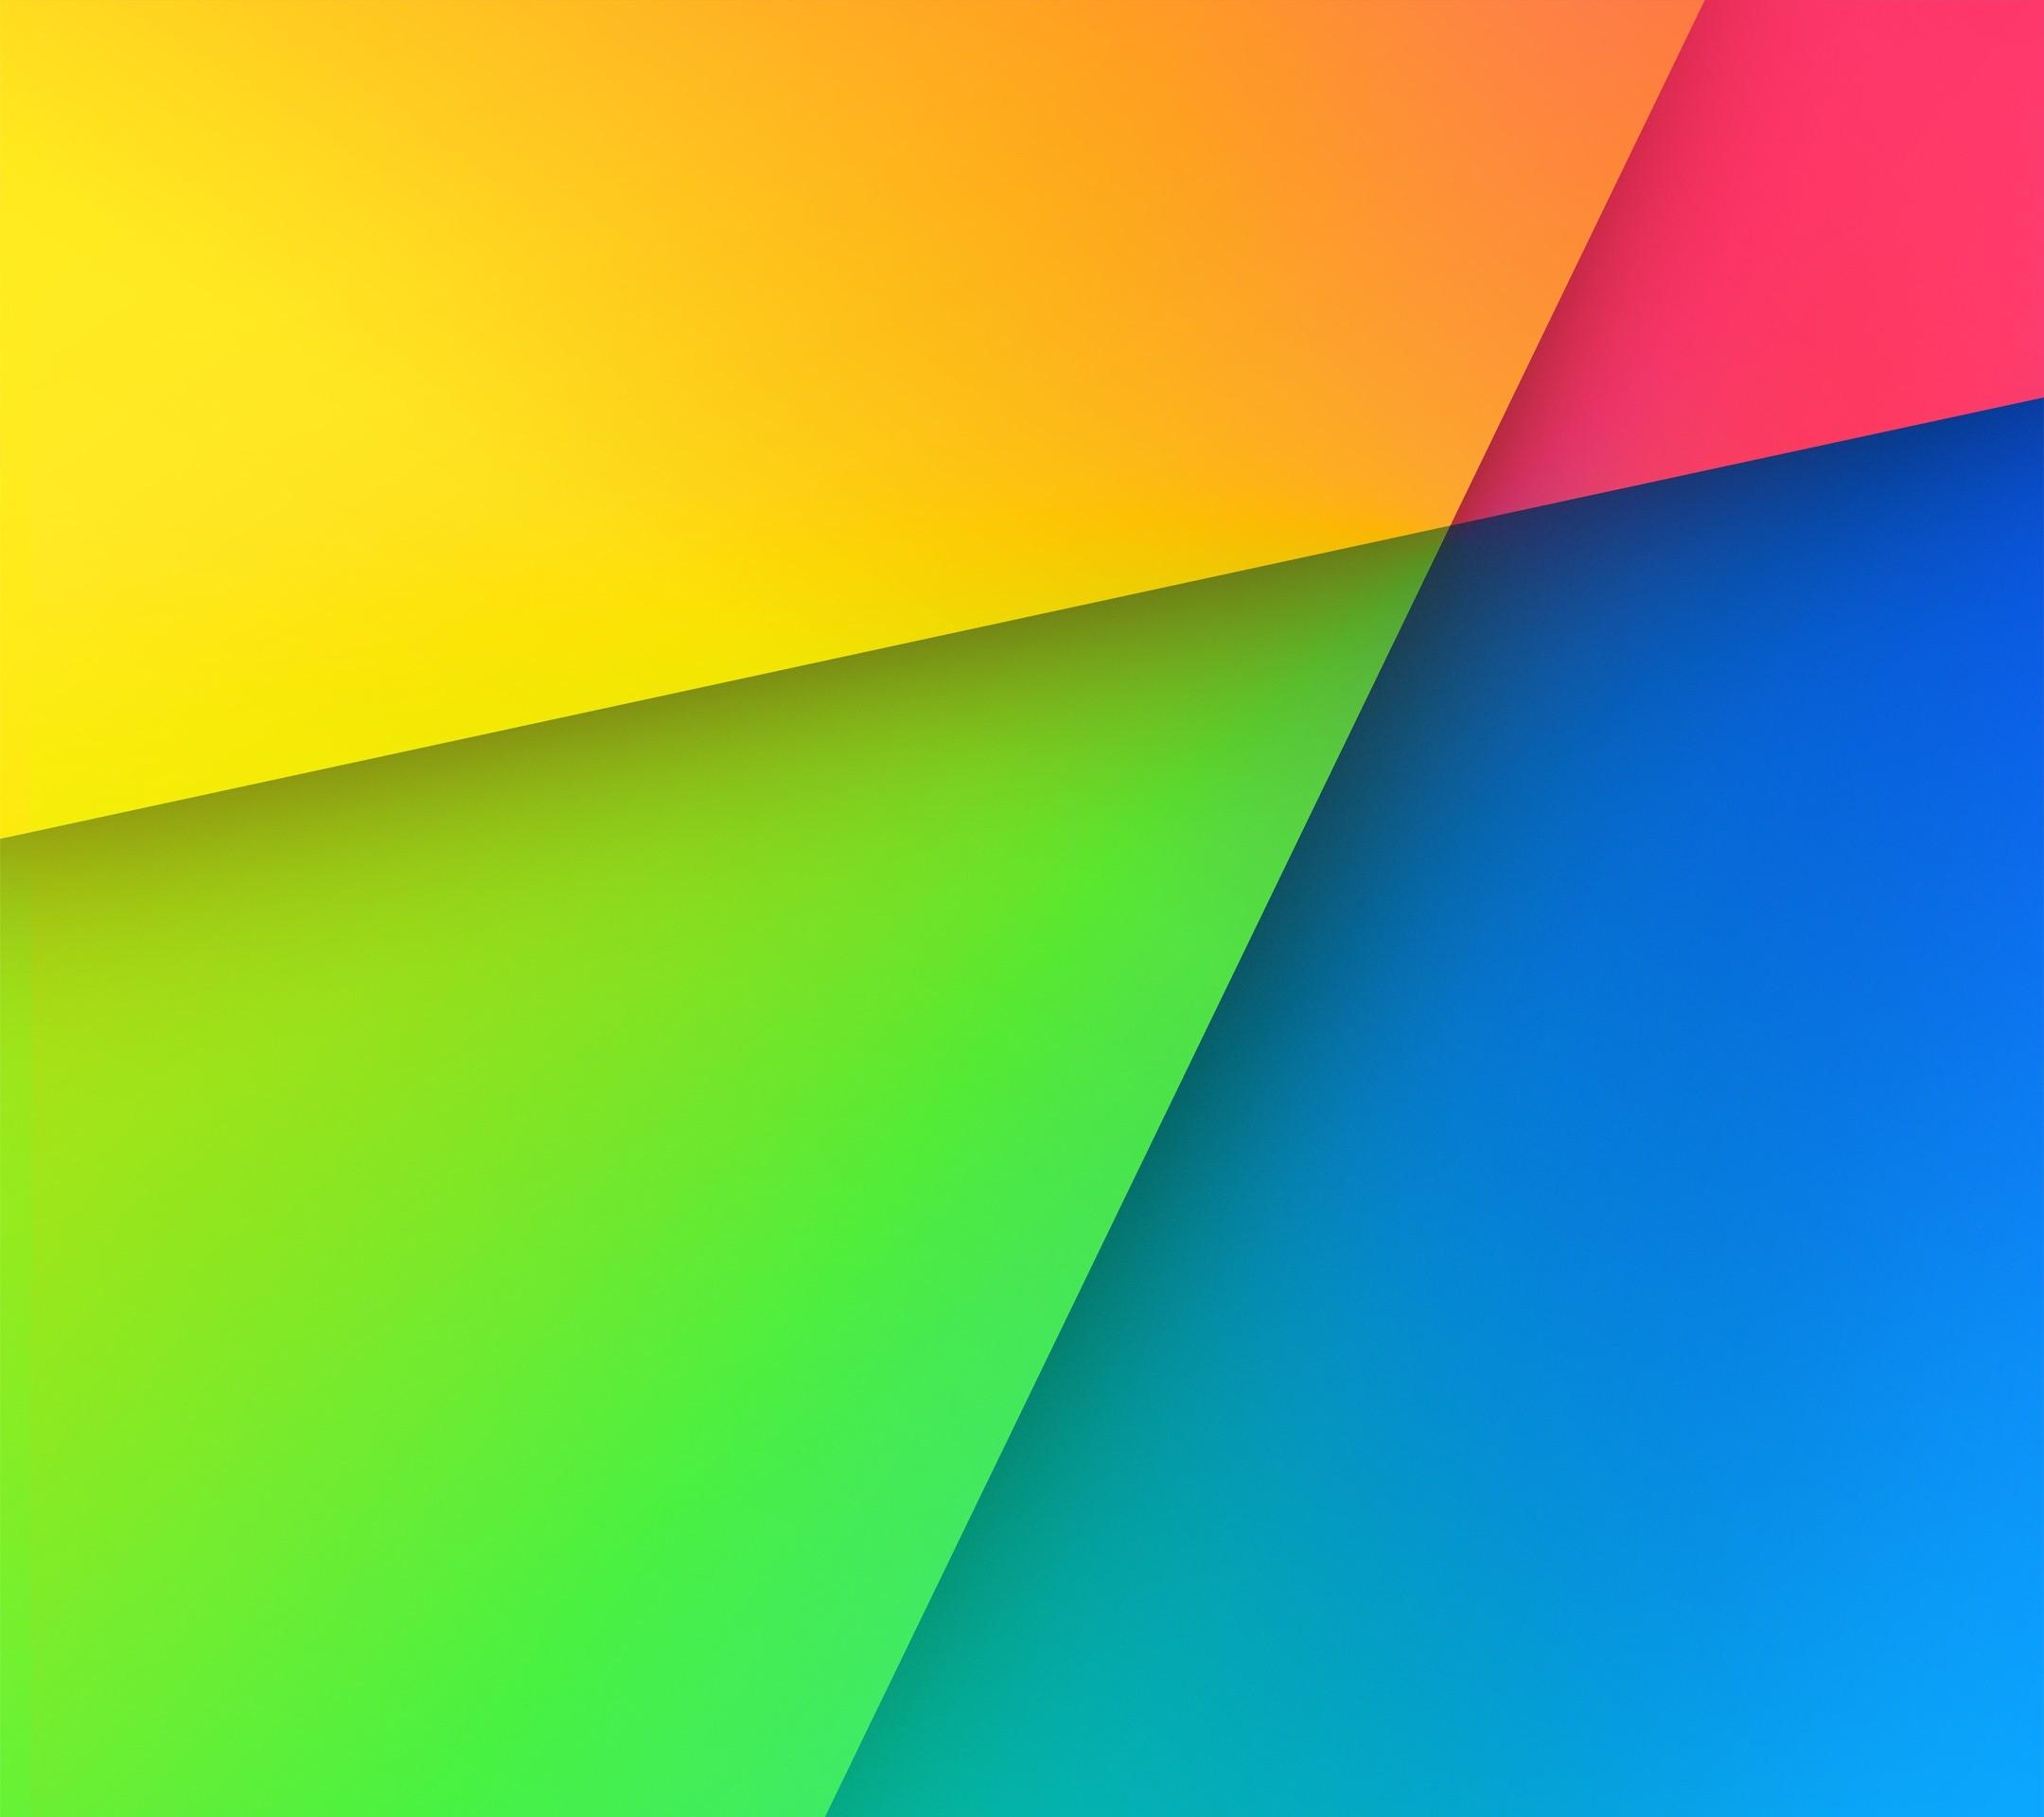 Download Official Google Nexus 7 Wallpapers